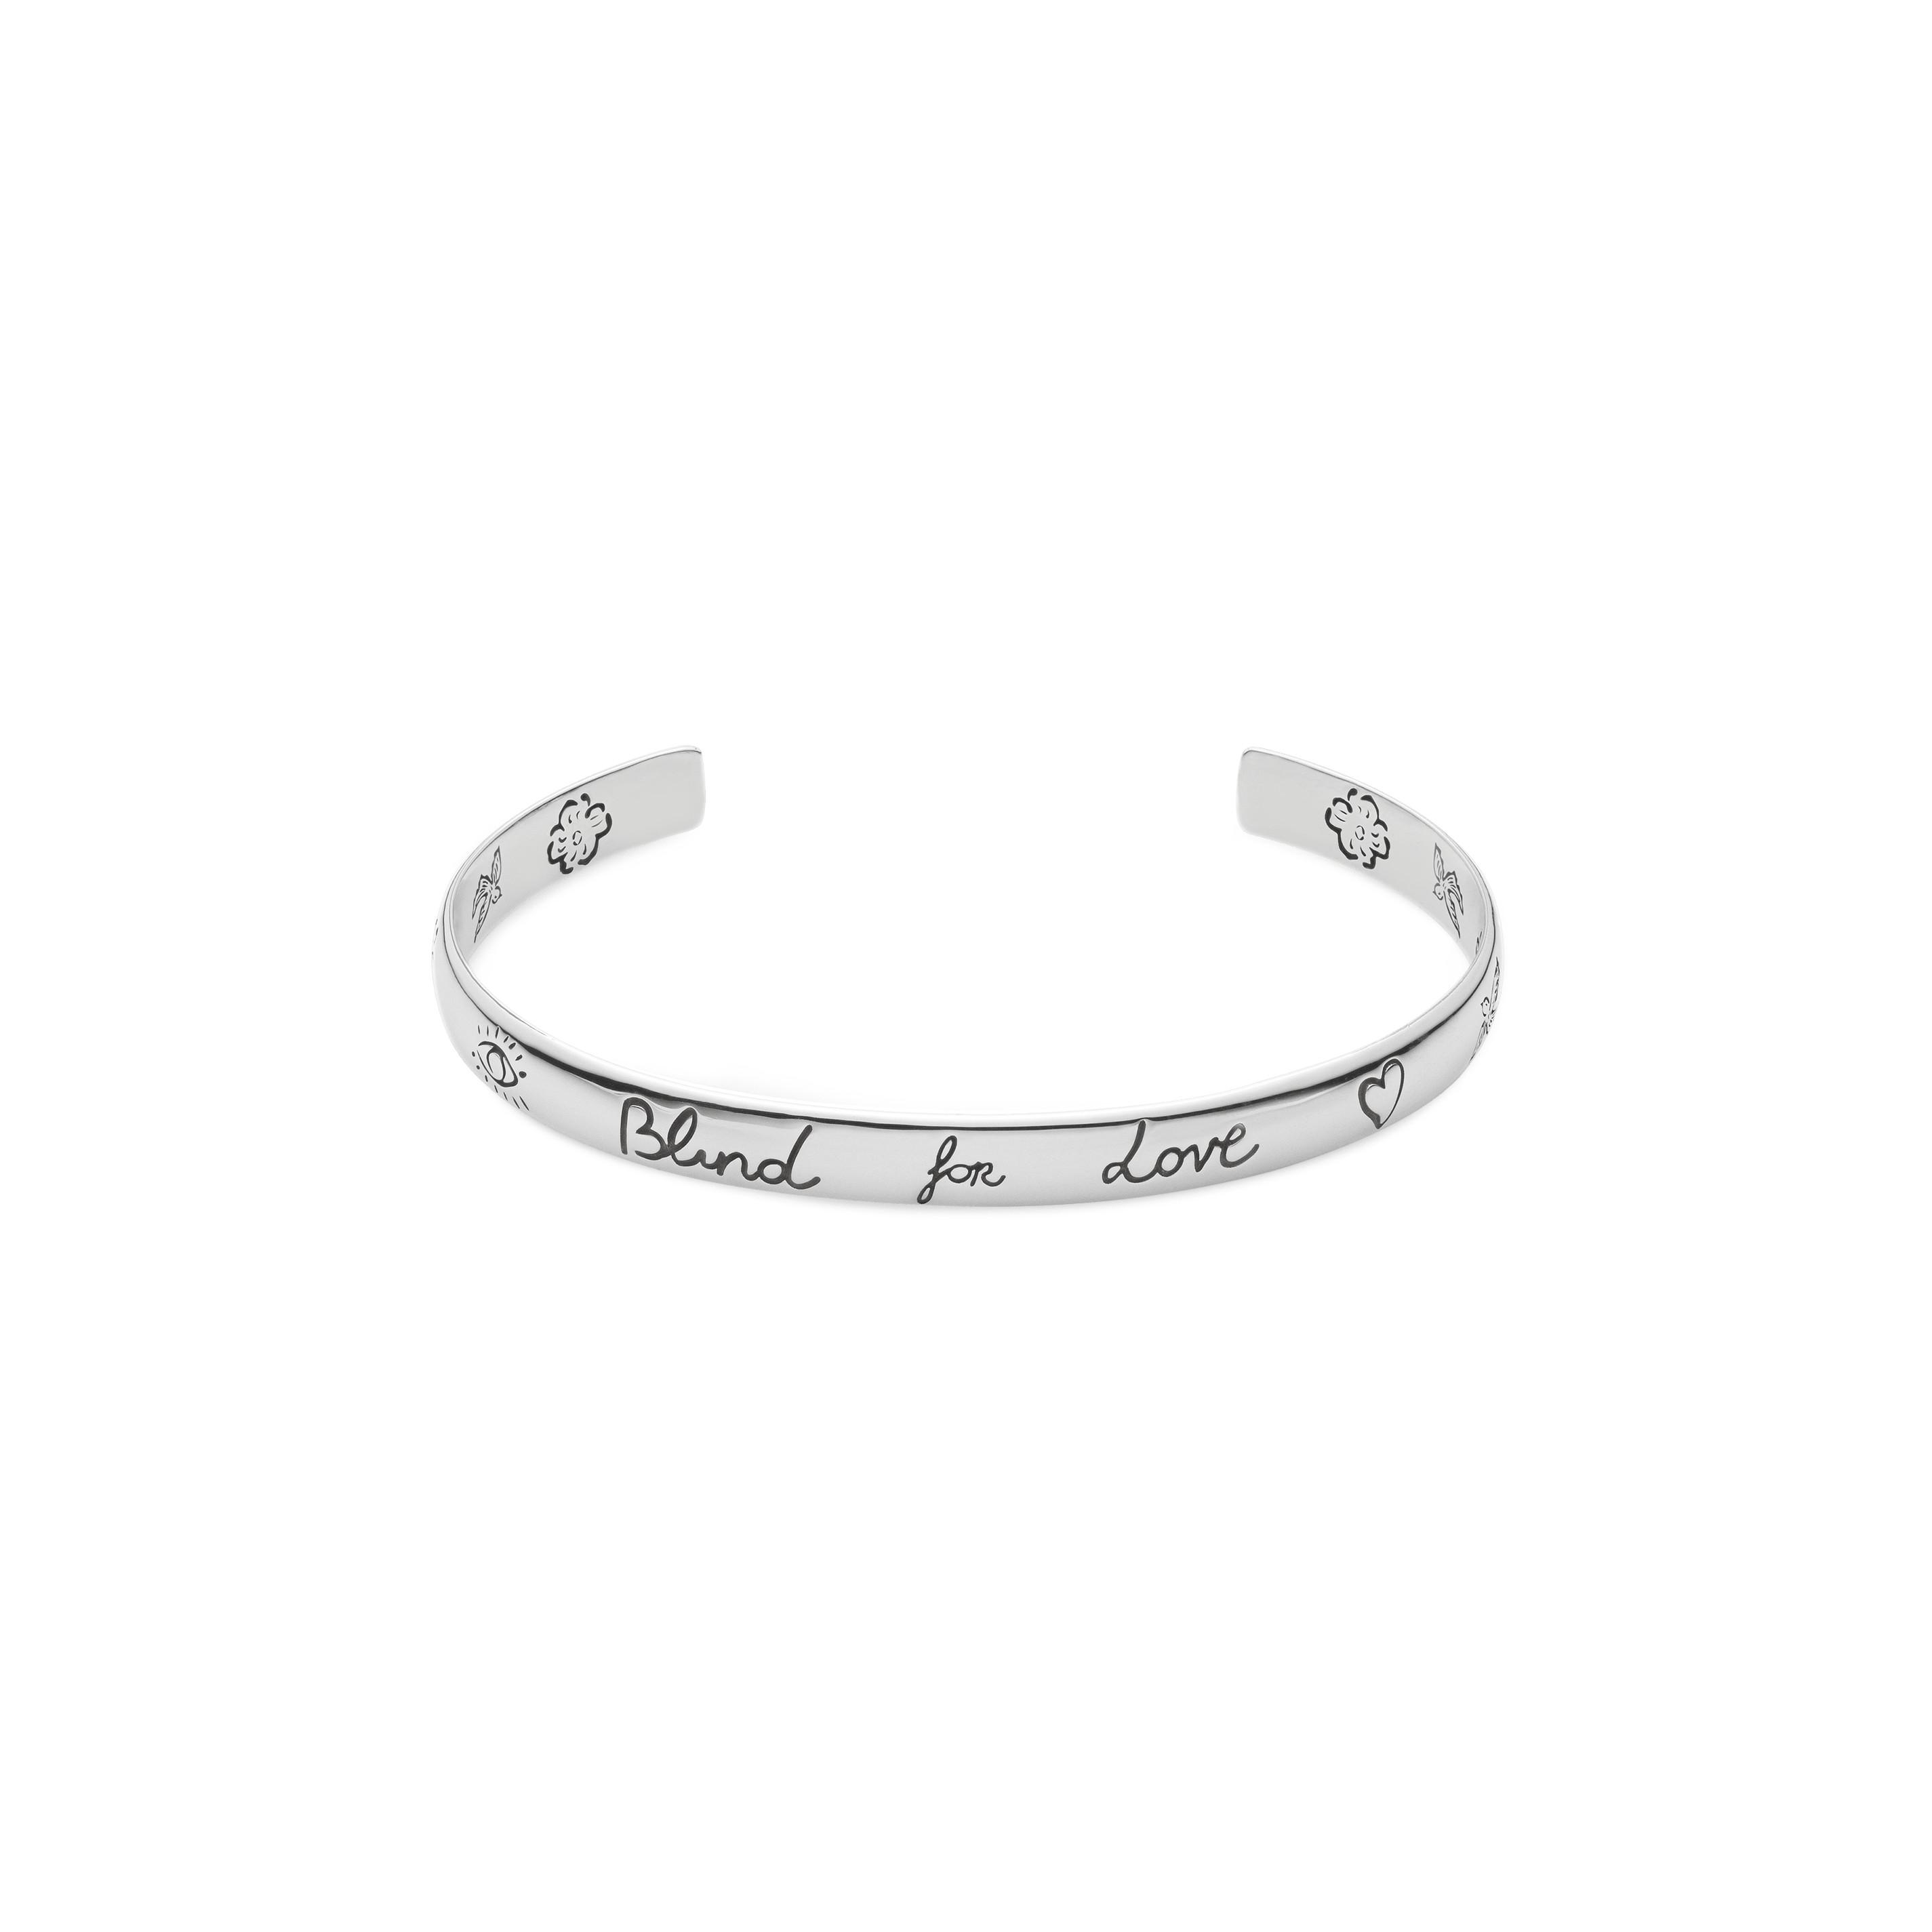 b3fa27ac33 Home / Gioielli / Bracciali / Gucci bracciale blind for love in argento